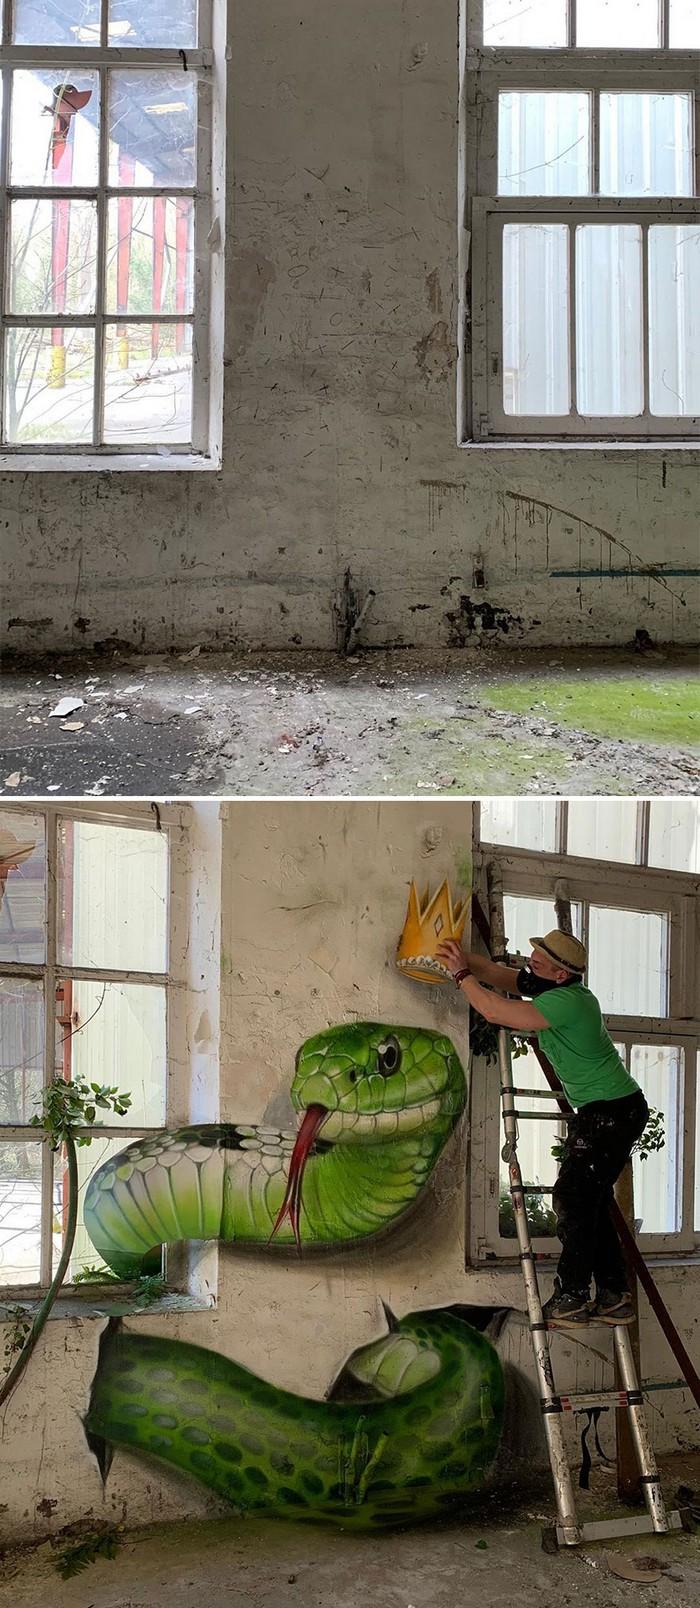 Artista de rua francês pinta grafite de criatura 3D (43 fotos) 11